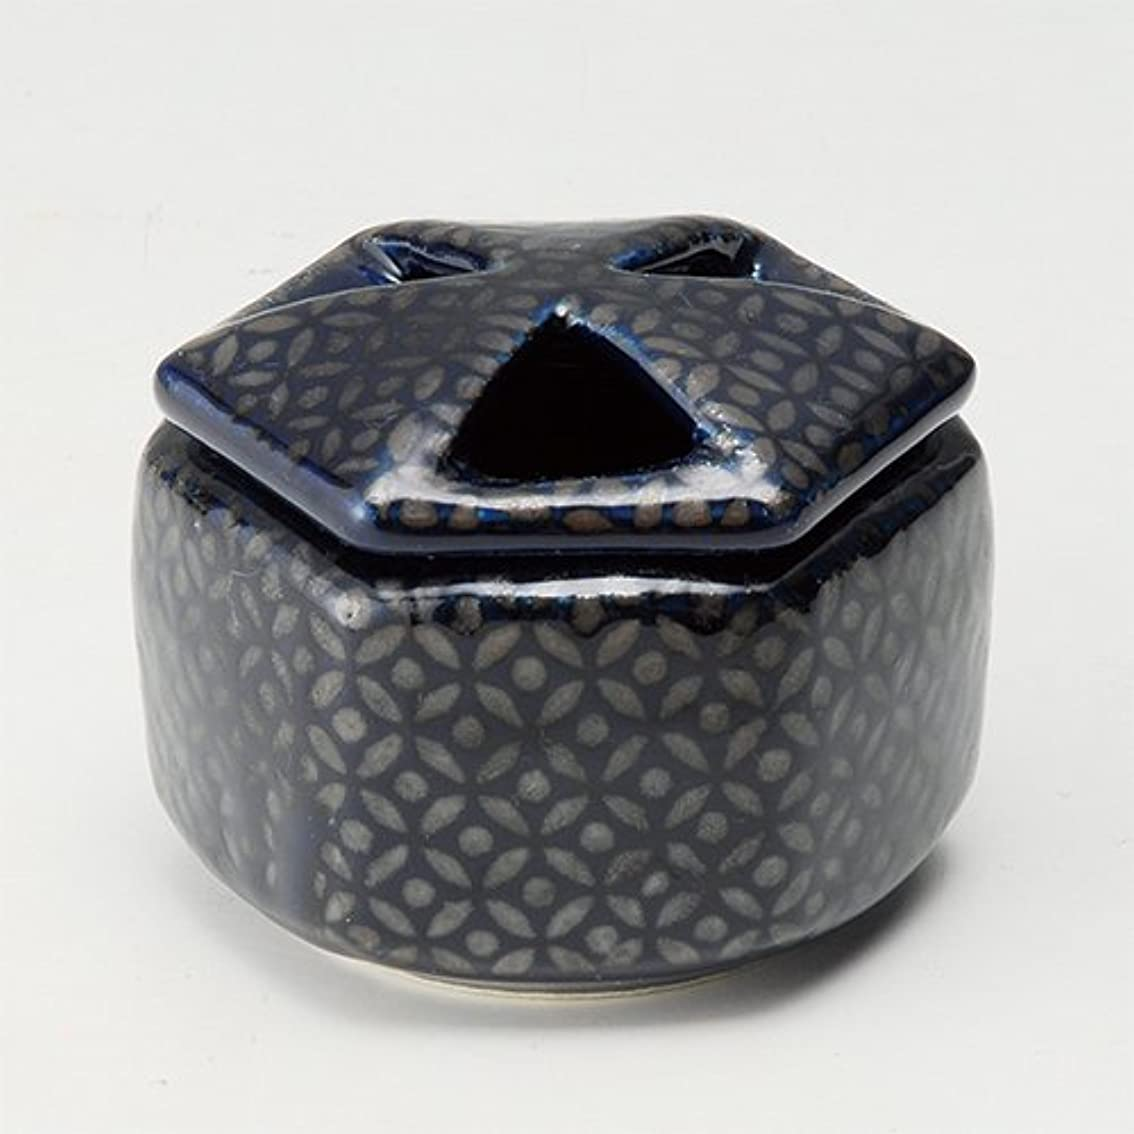 かなりタオル思いやり香炉 瑠璃七宝 六角香炉 [R8.8xH6.5cm] プレゼント ギフト 和食器 かわいい インテリア